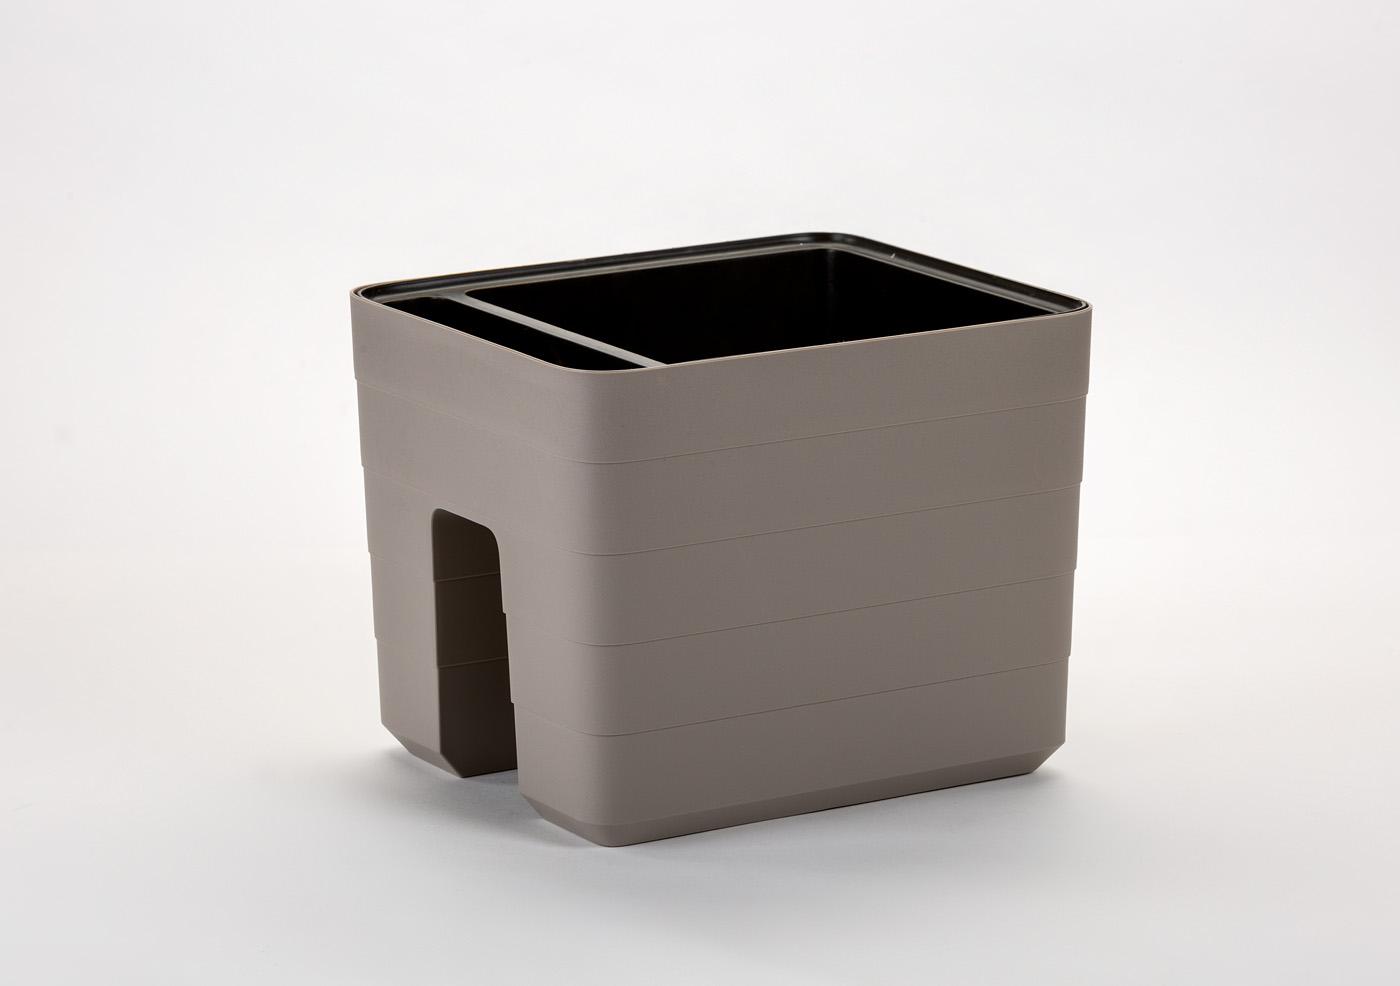 Samozavlažovací truhlík na zábradlí Berberis 30x26 cm, béžová